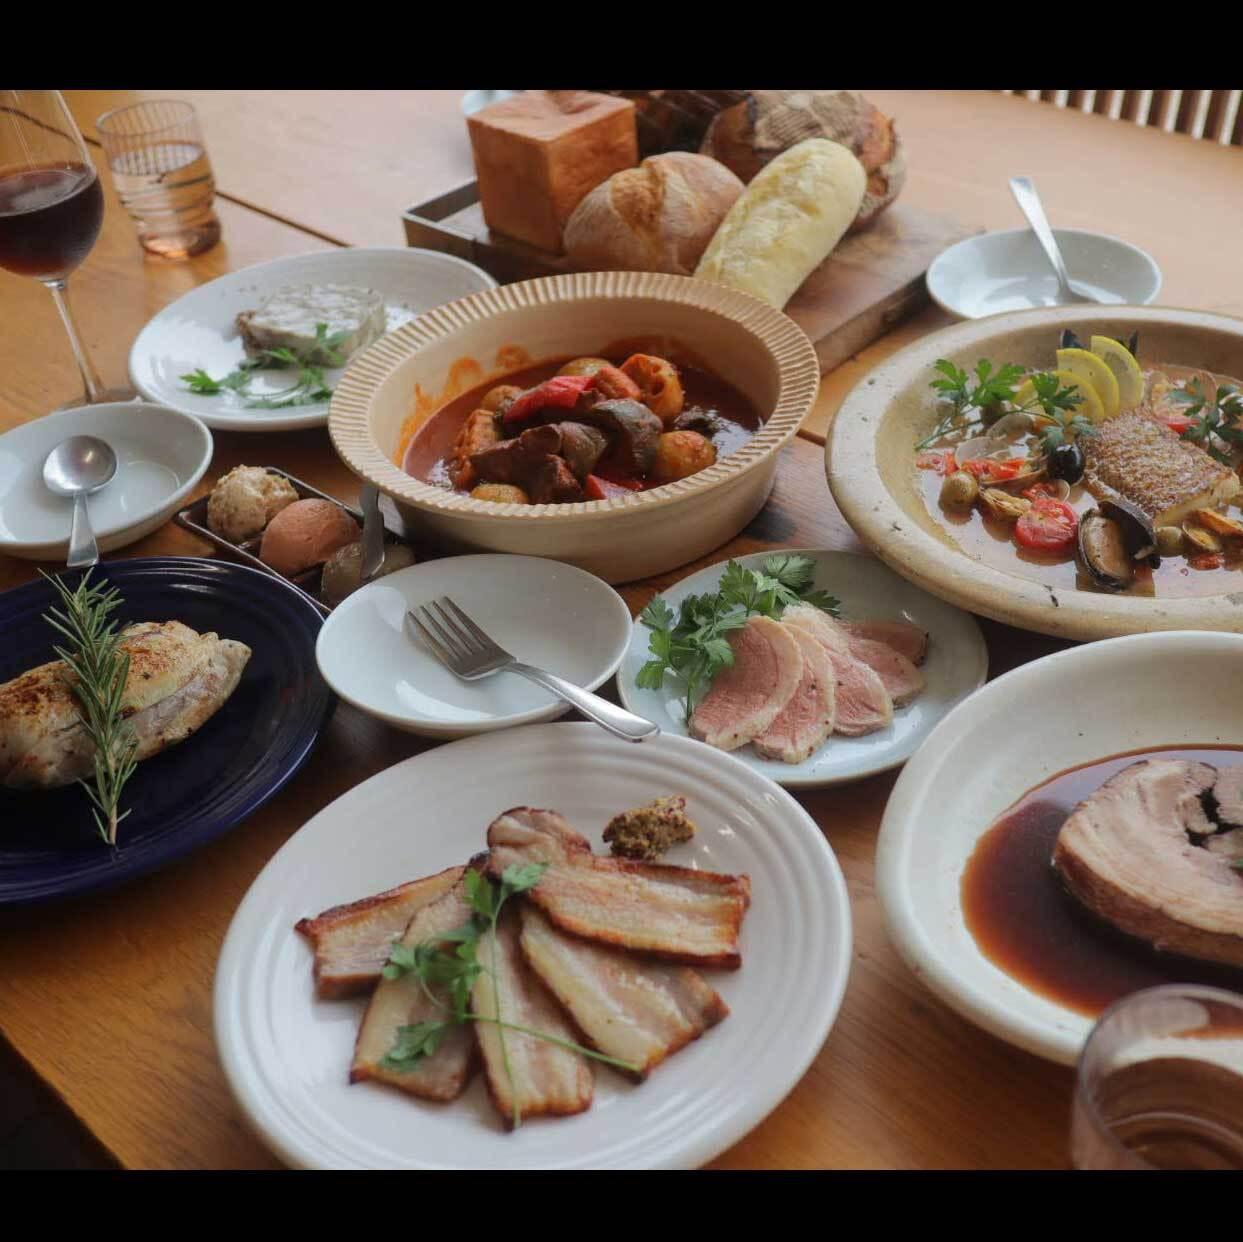 パン盛り合わせとお食事セット(6名様程度)